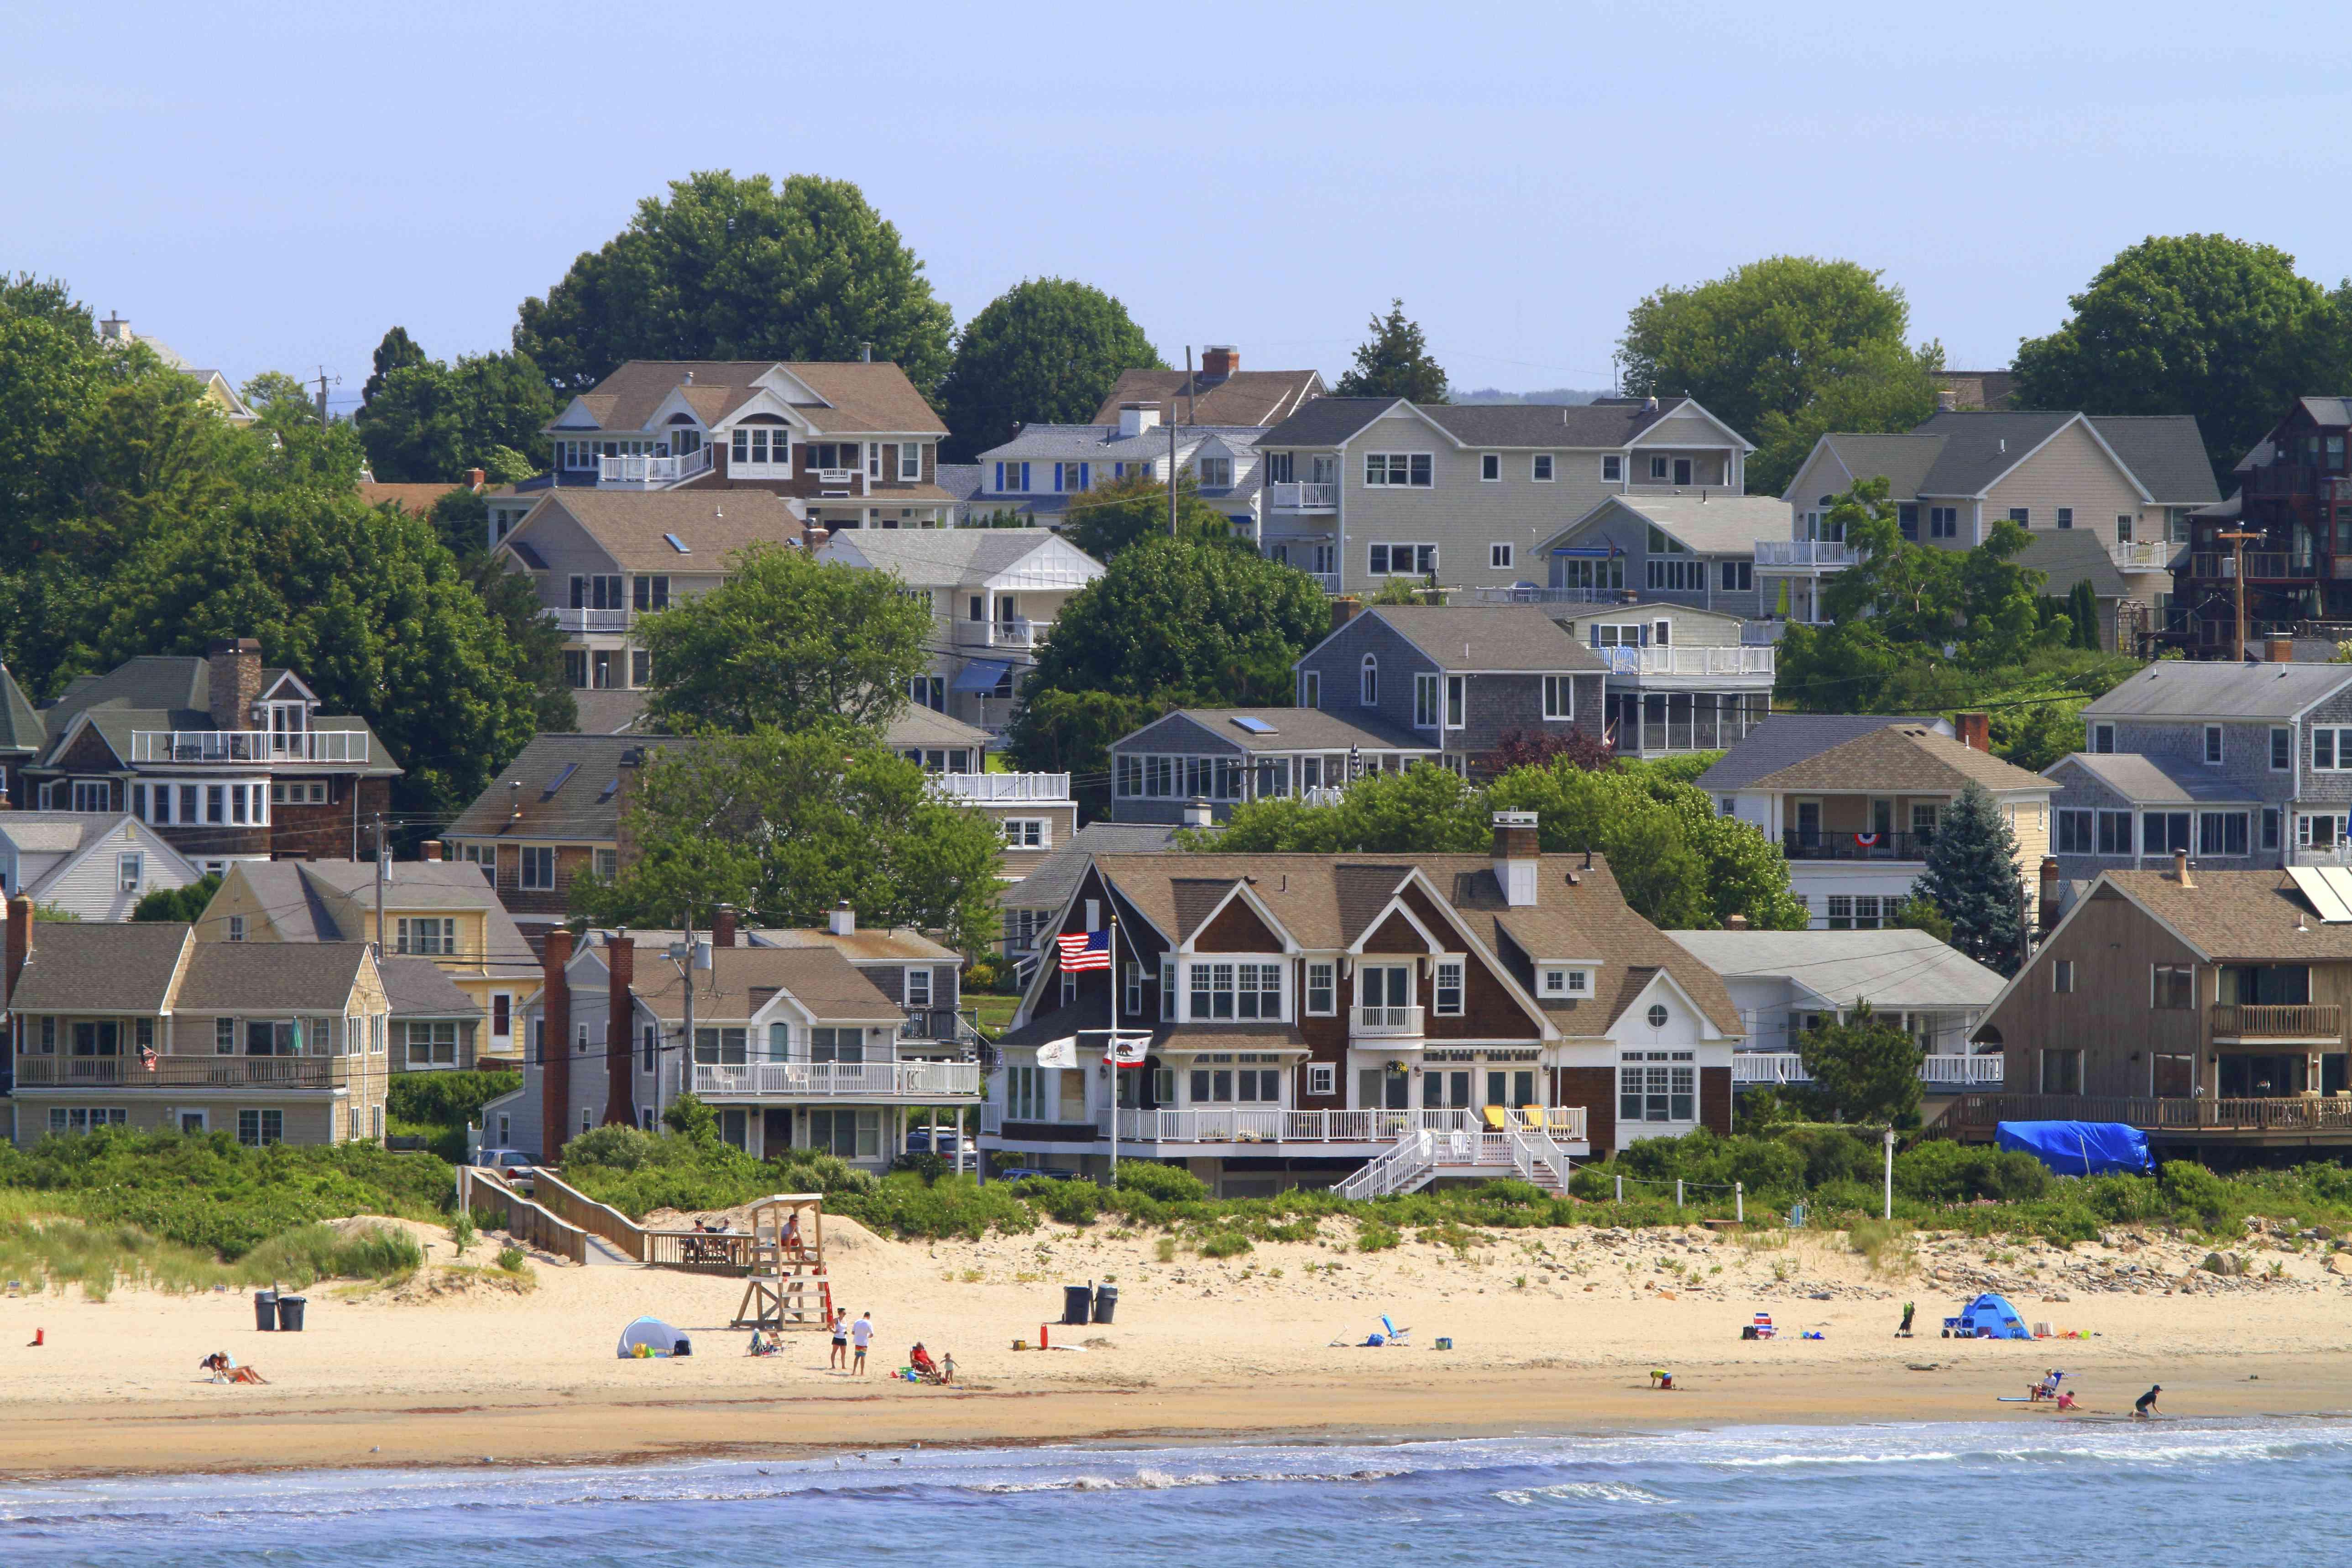 Usa, Rhode Island. Narragansett, Rhode Island